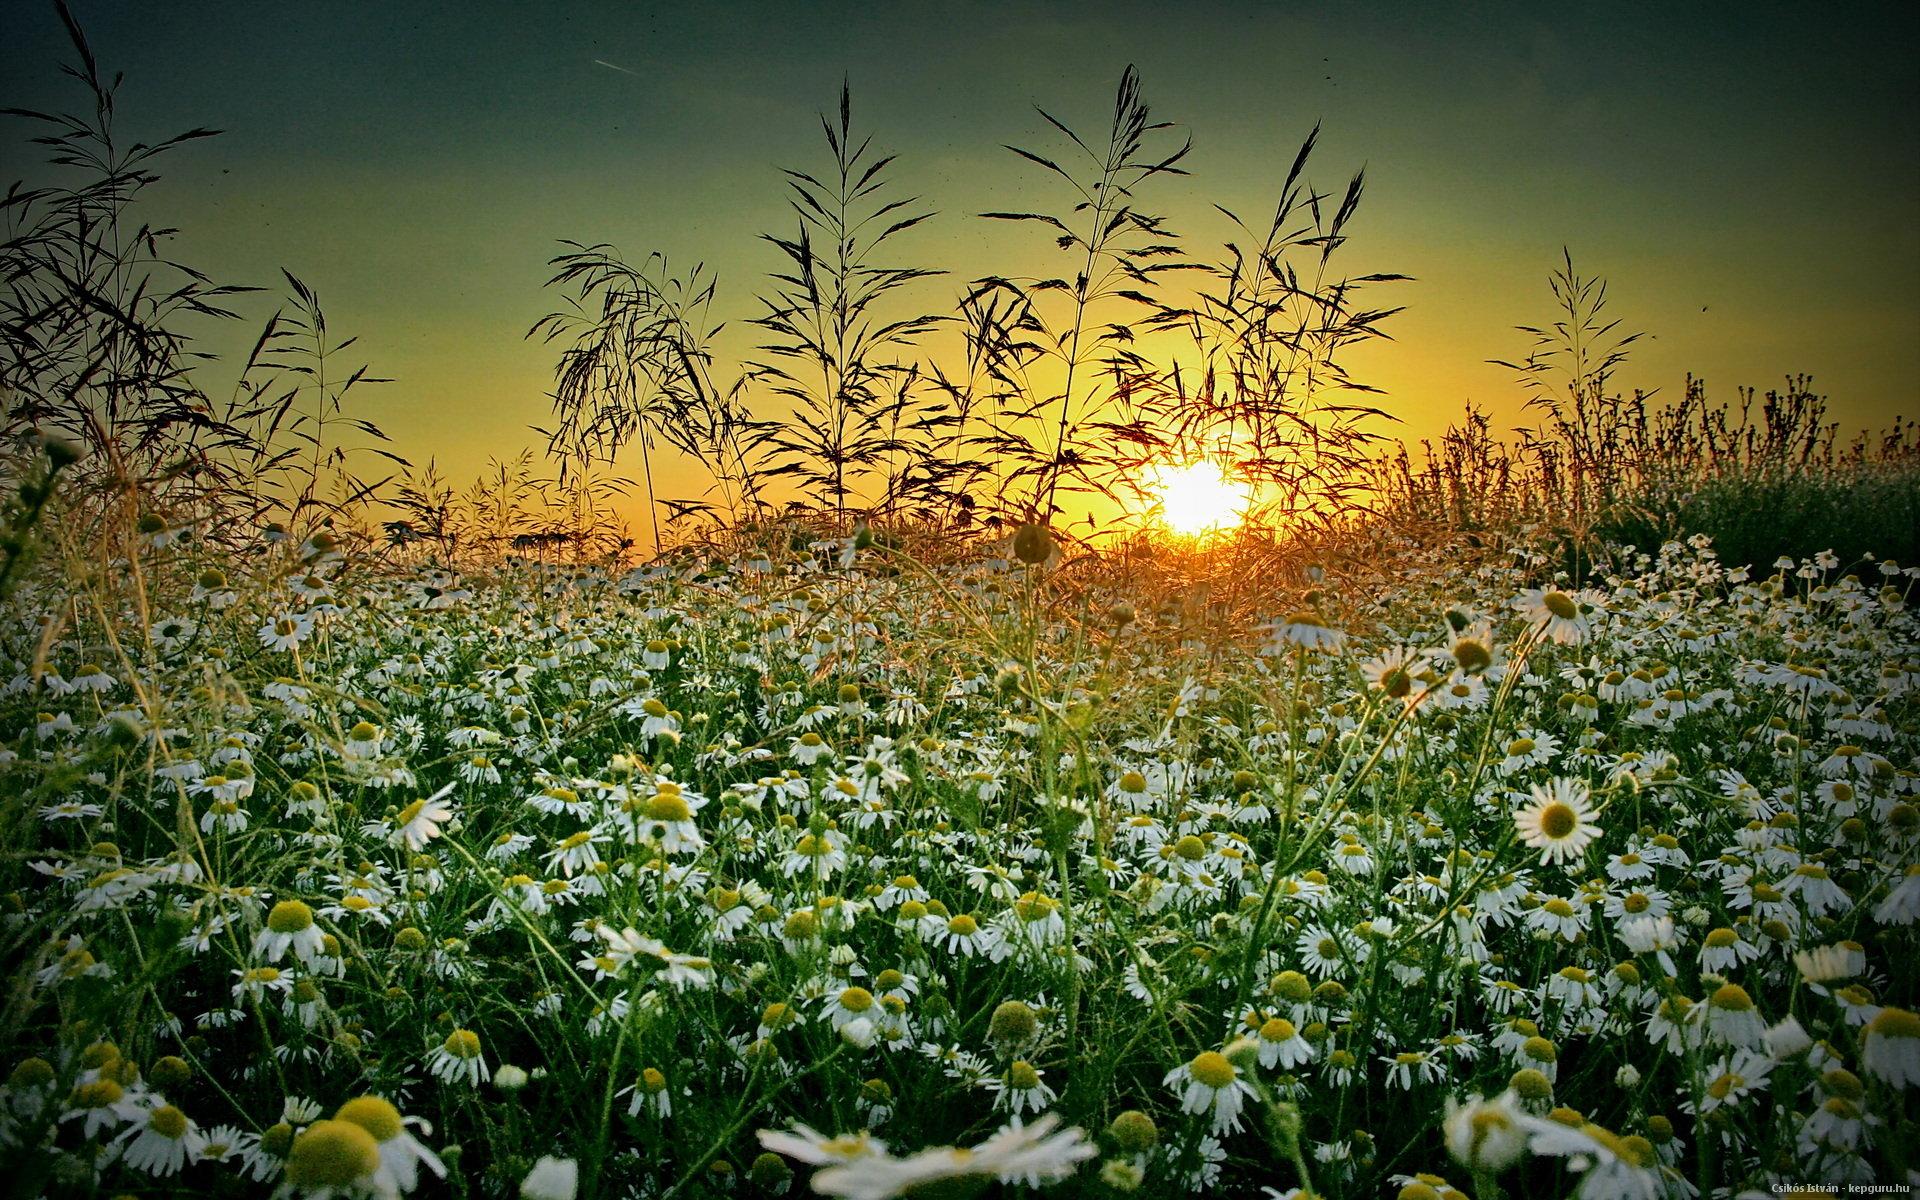 голых картинки с добрым вечером с видом на солнечное поле ромашек ней